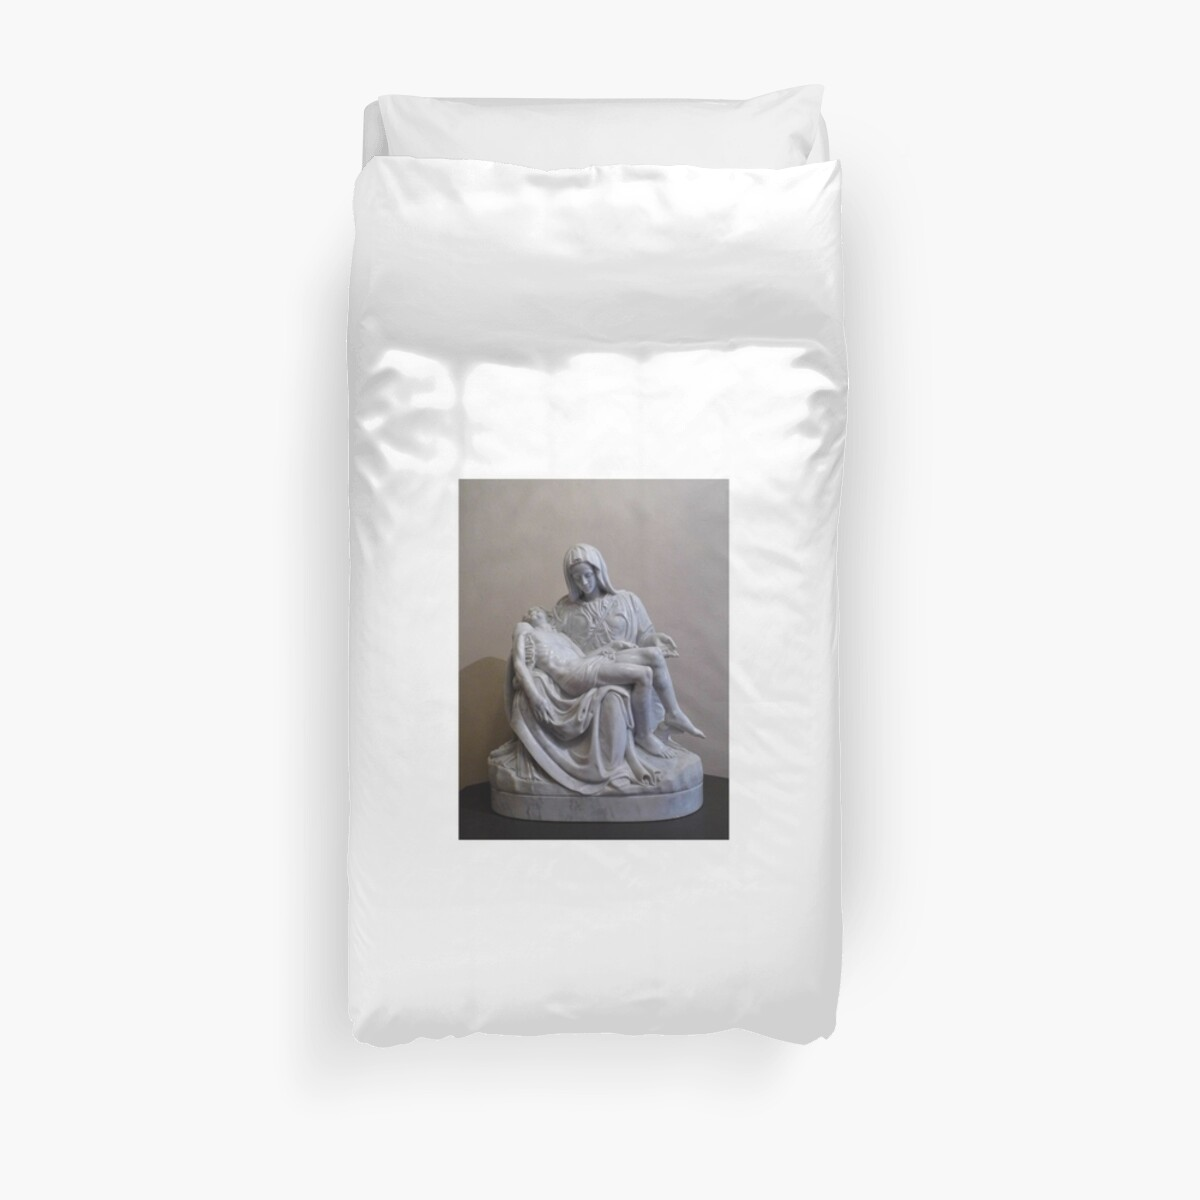 Pieta by WildestArt